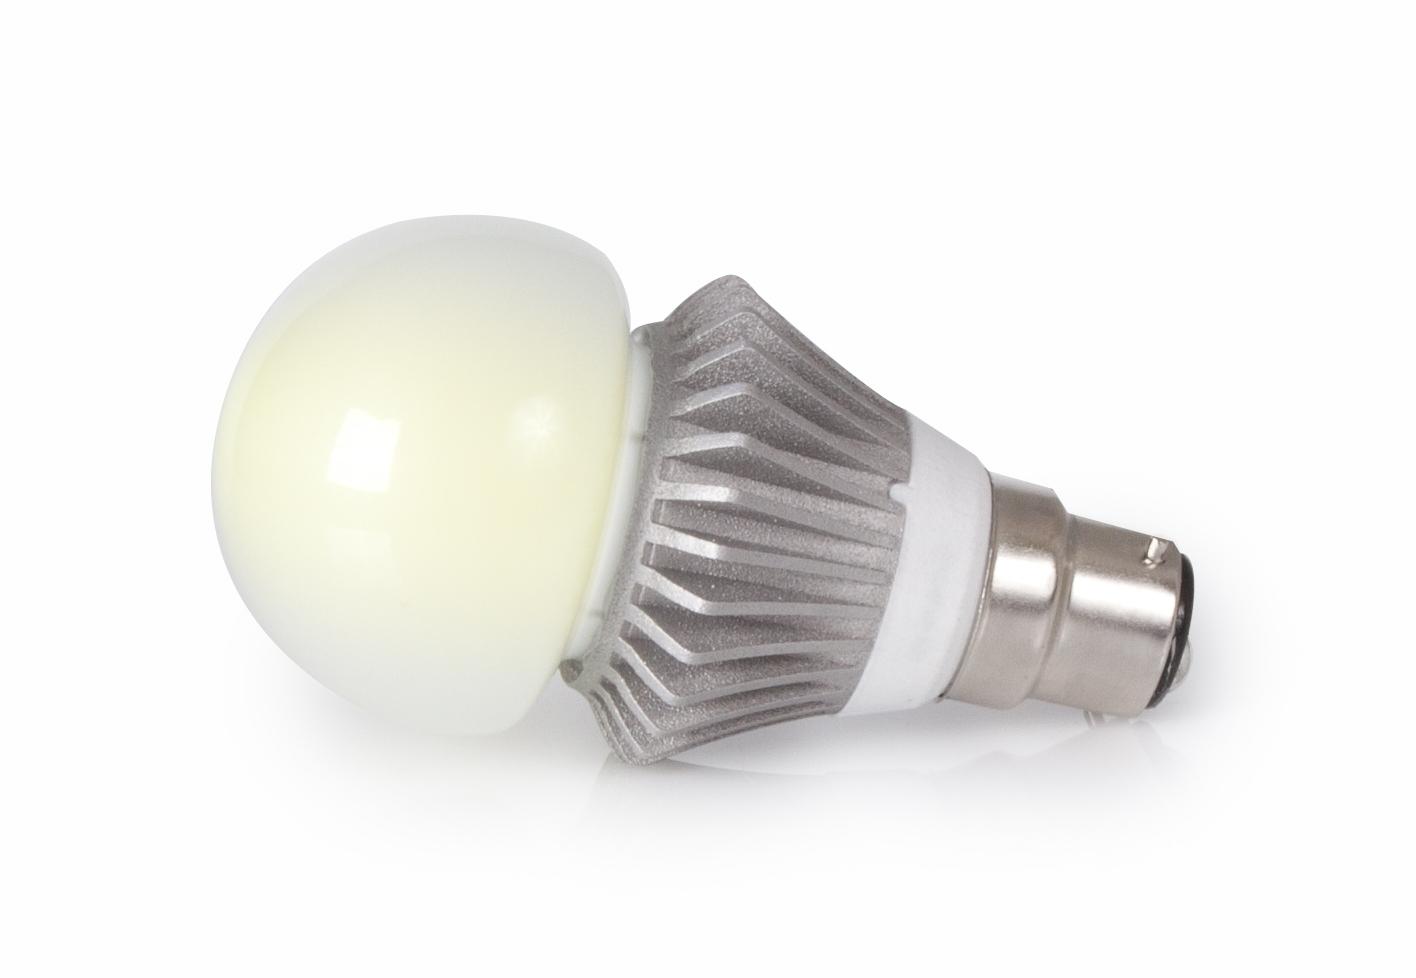 LSG Sub-$15 LED Bulb